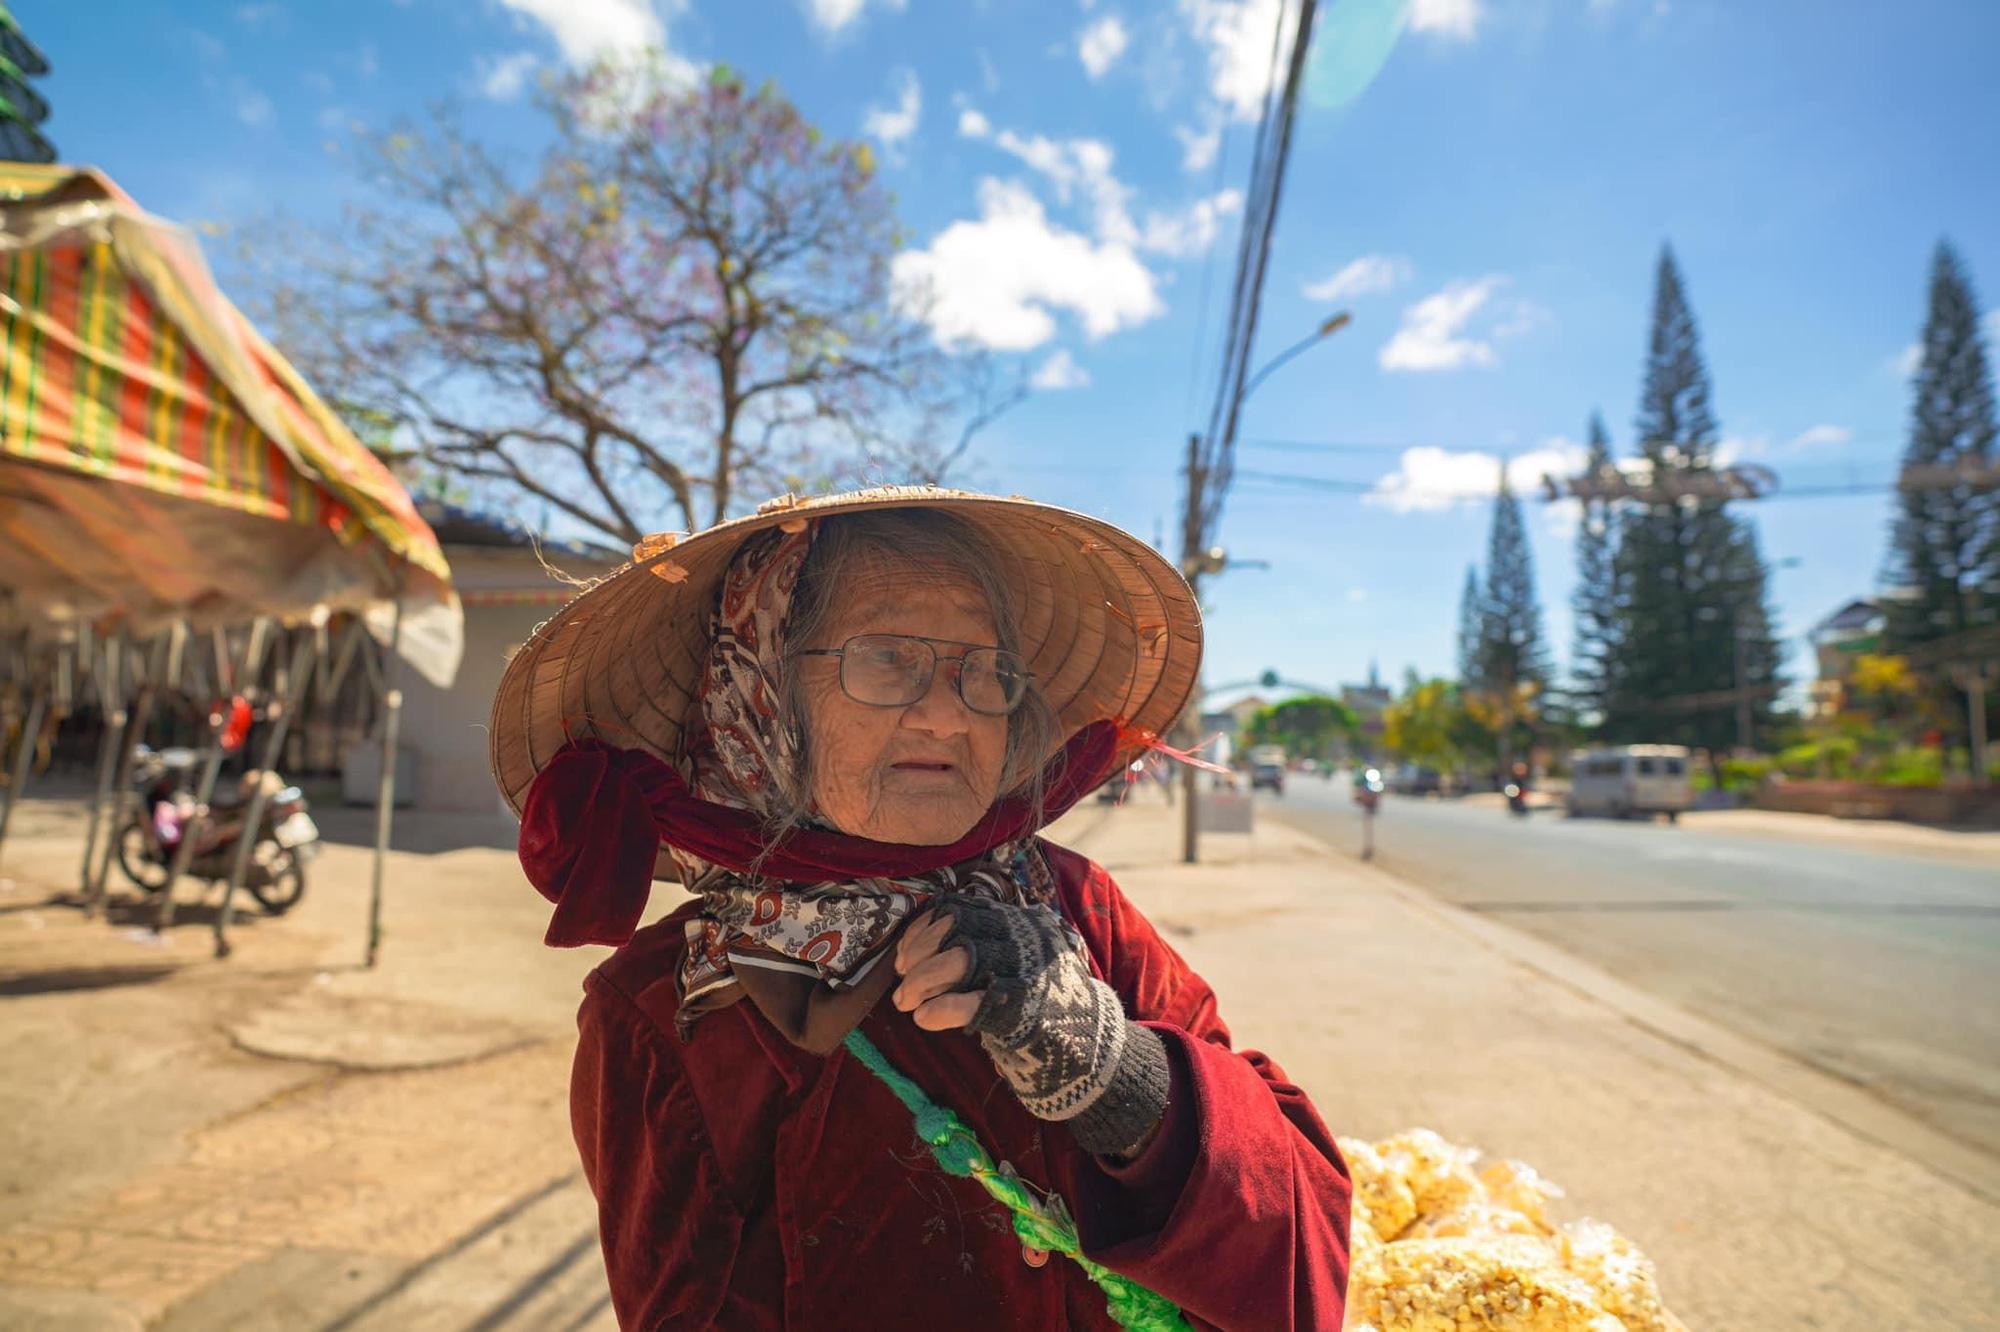 Gặp bà cụ 94 tuổi bán bỏng ngô dạo khắp Đà Lạt: Mỗi bức ảnh là câu chuyện khiến người ta cảm động-7